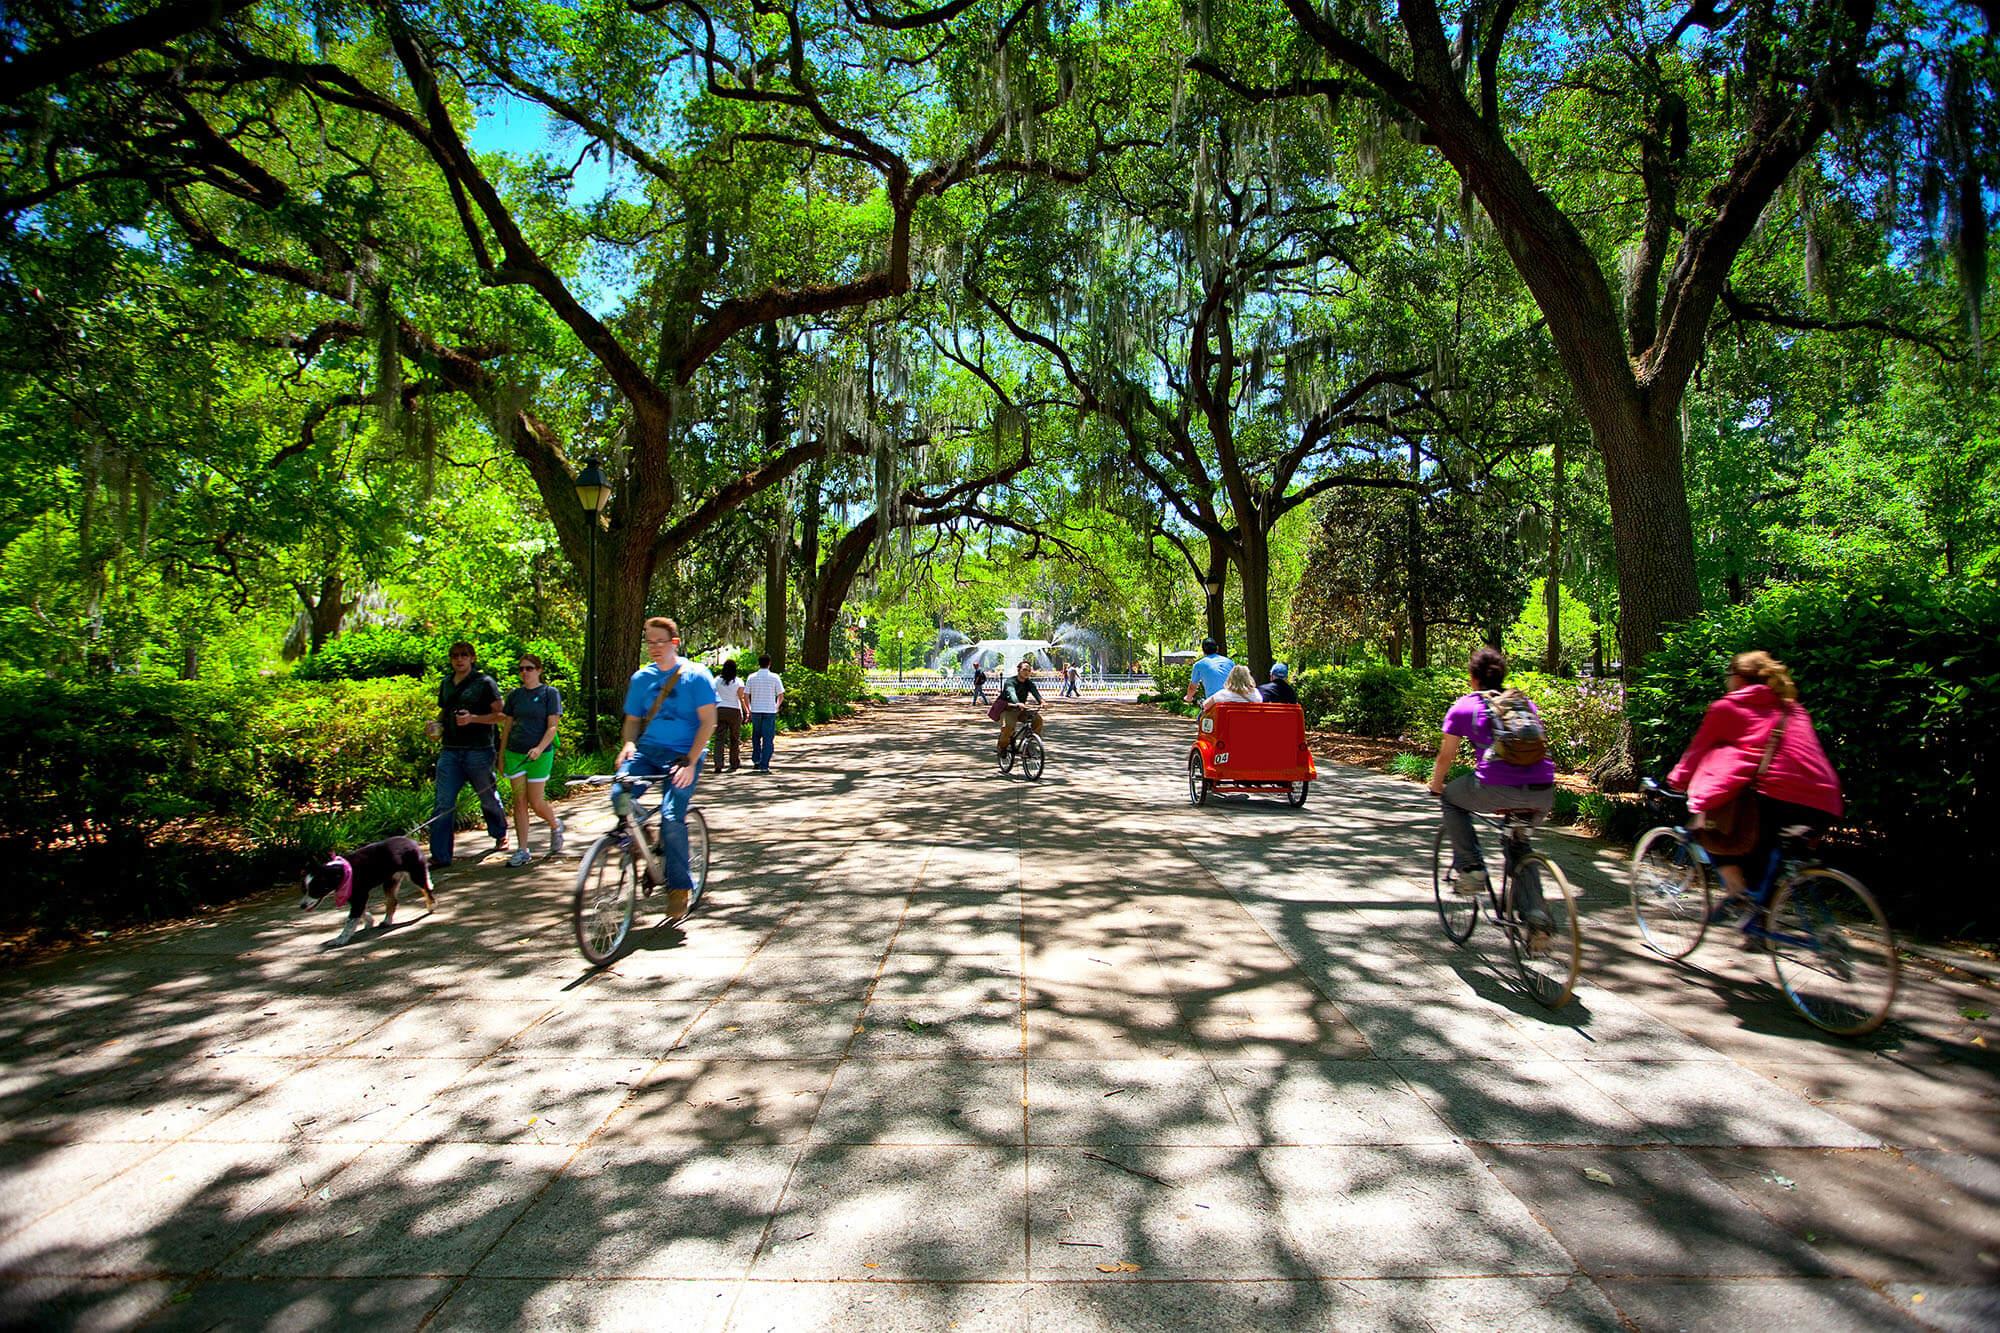 15 Best Free Things To Do In Savannah Ga 2020